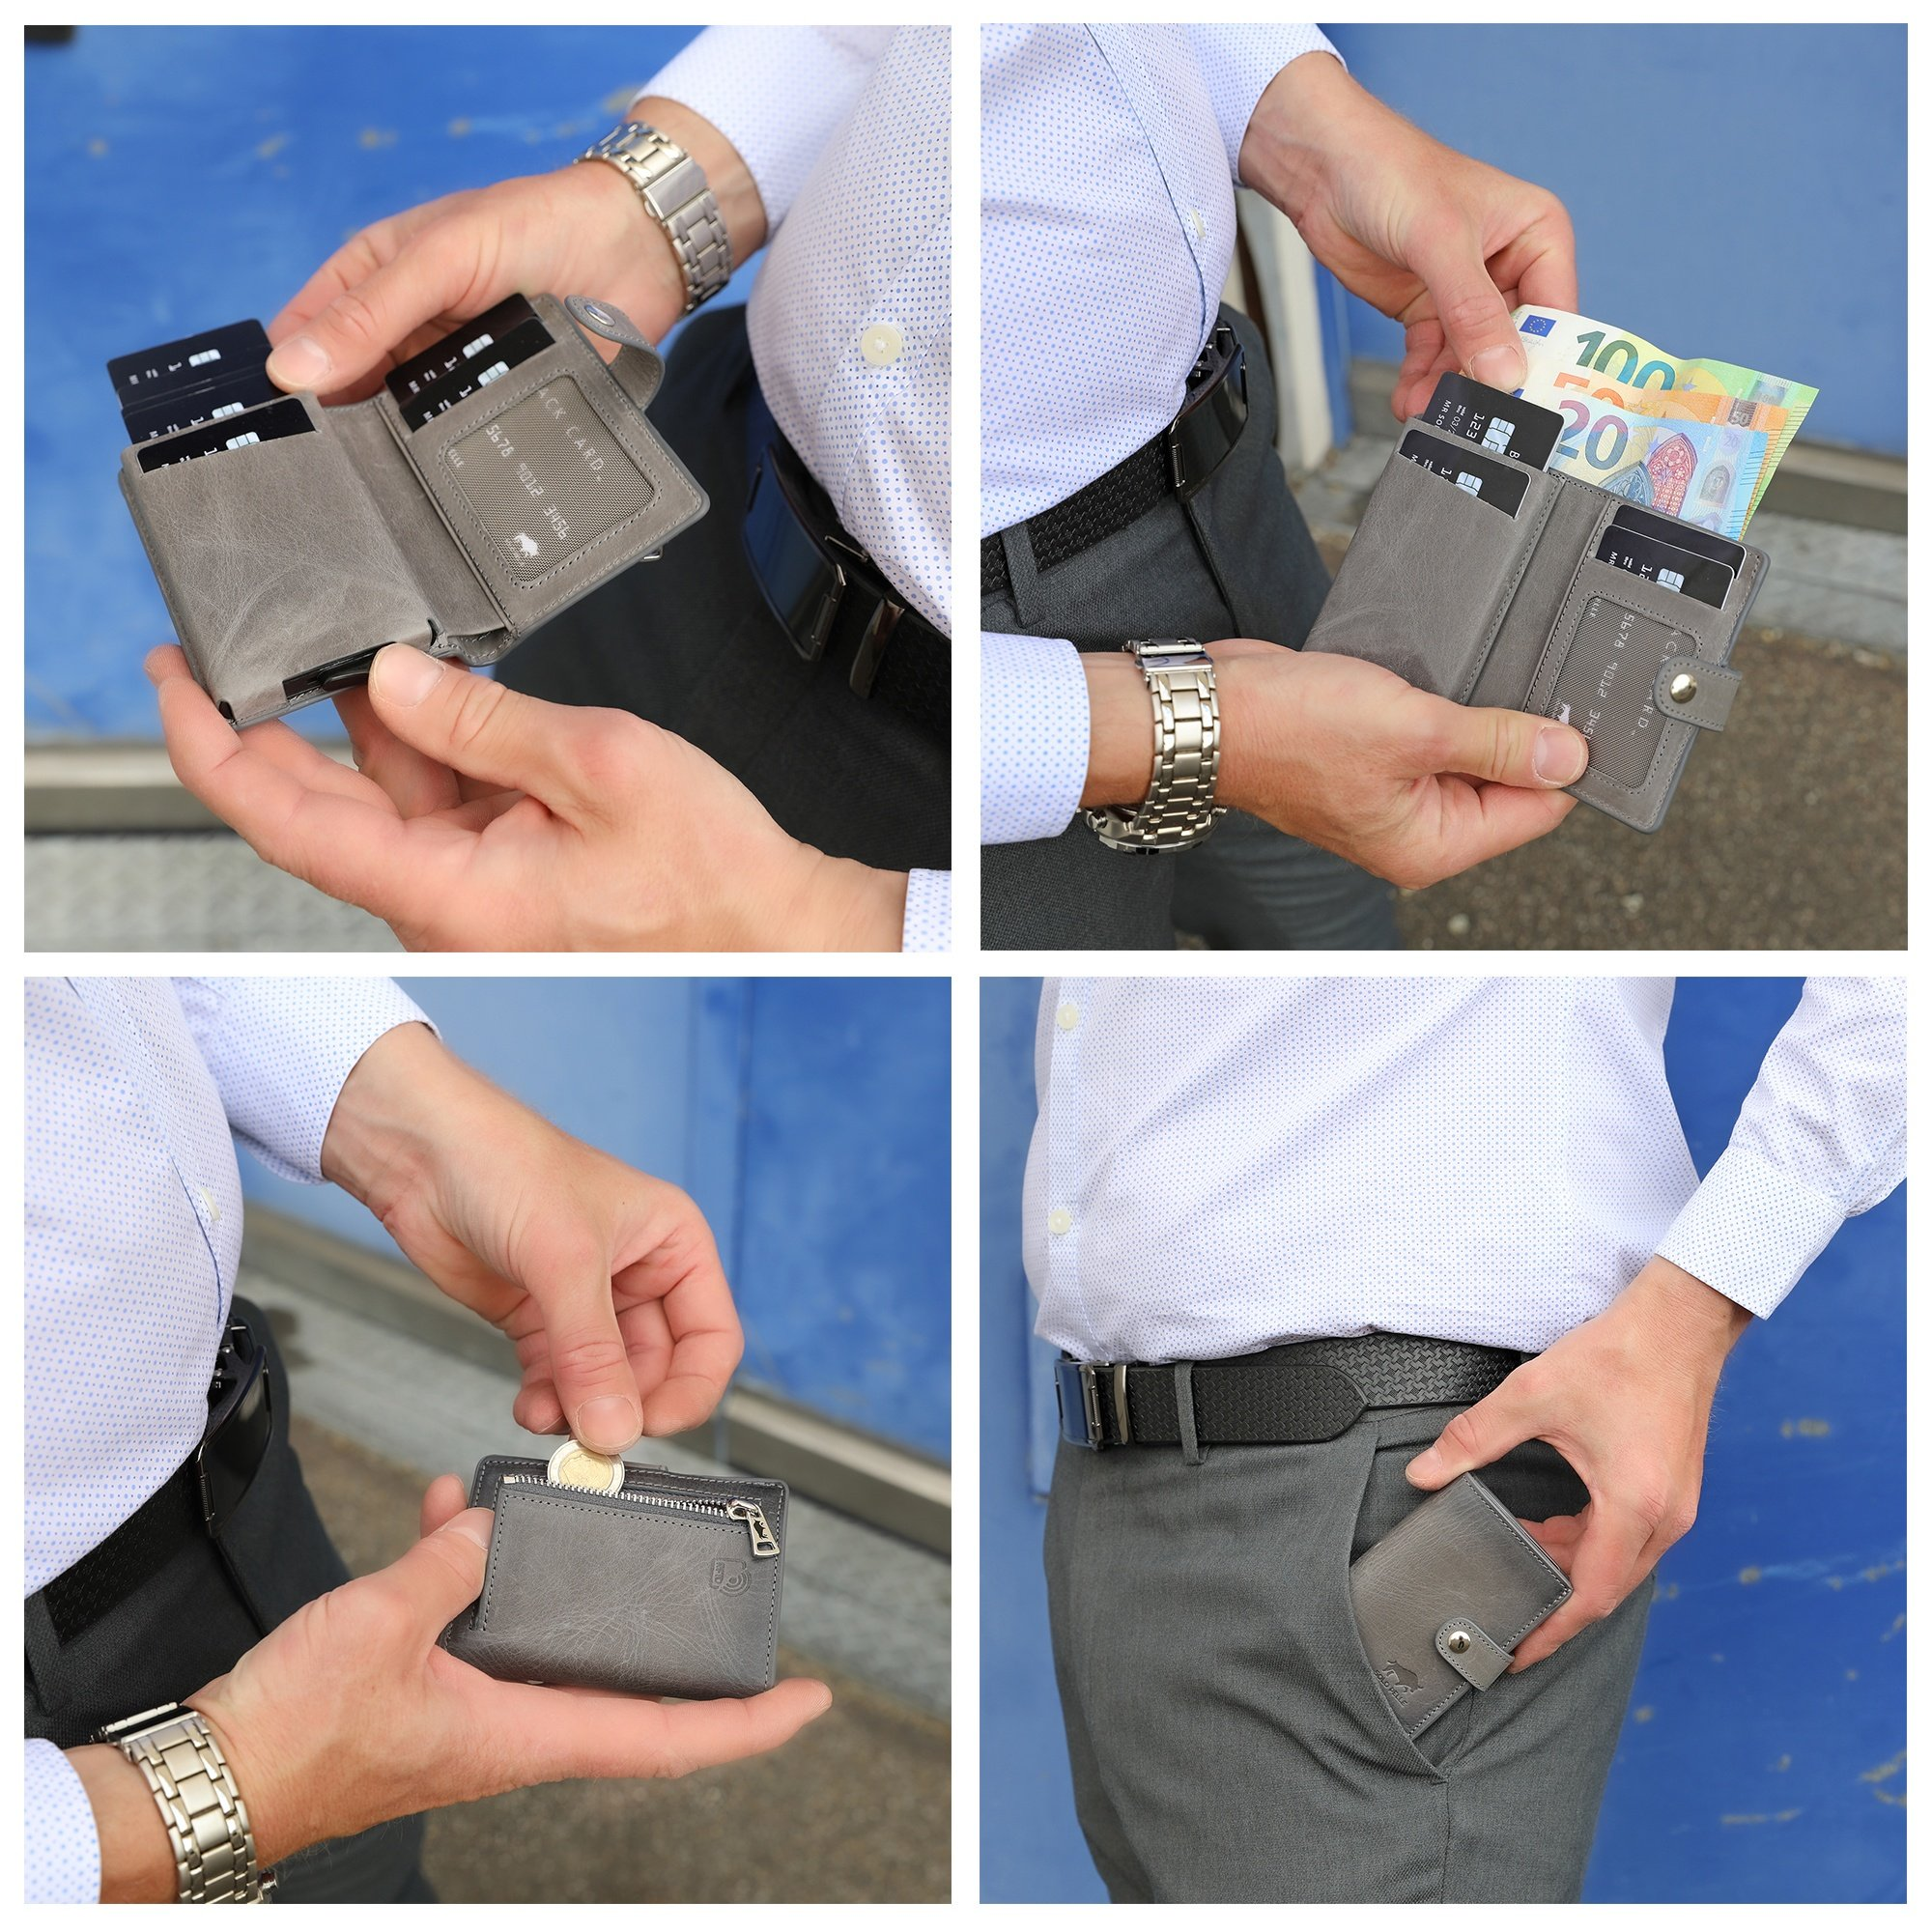 Solo Pelle Geldbörse für 15 Karten + Geldscheine + Kleingeld geeignet | Kreditkartenetui Kartenetui mit RFID aus echtem Leder Q-Wallet (Steingrau + Kleingeldfach)